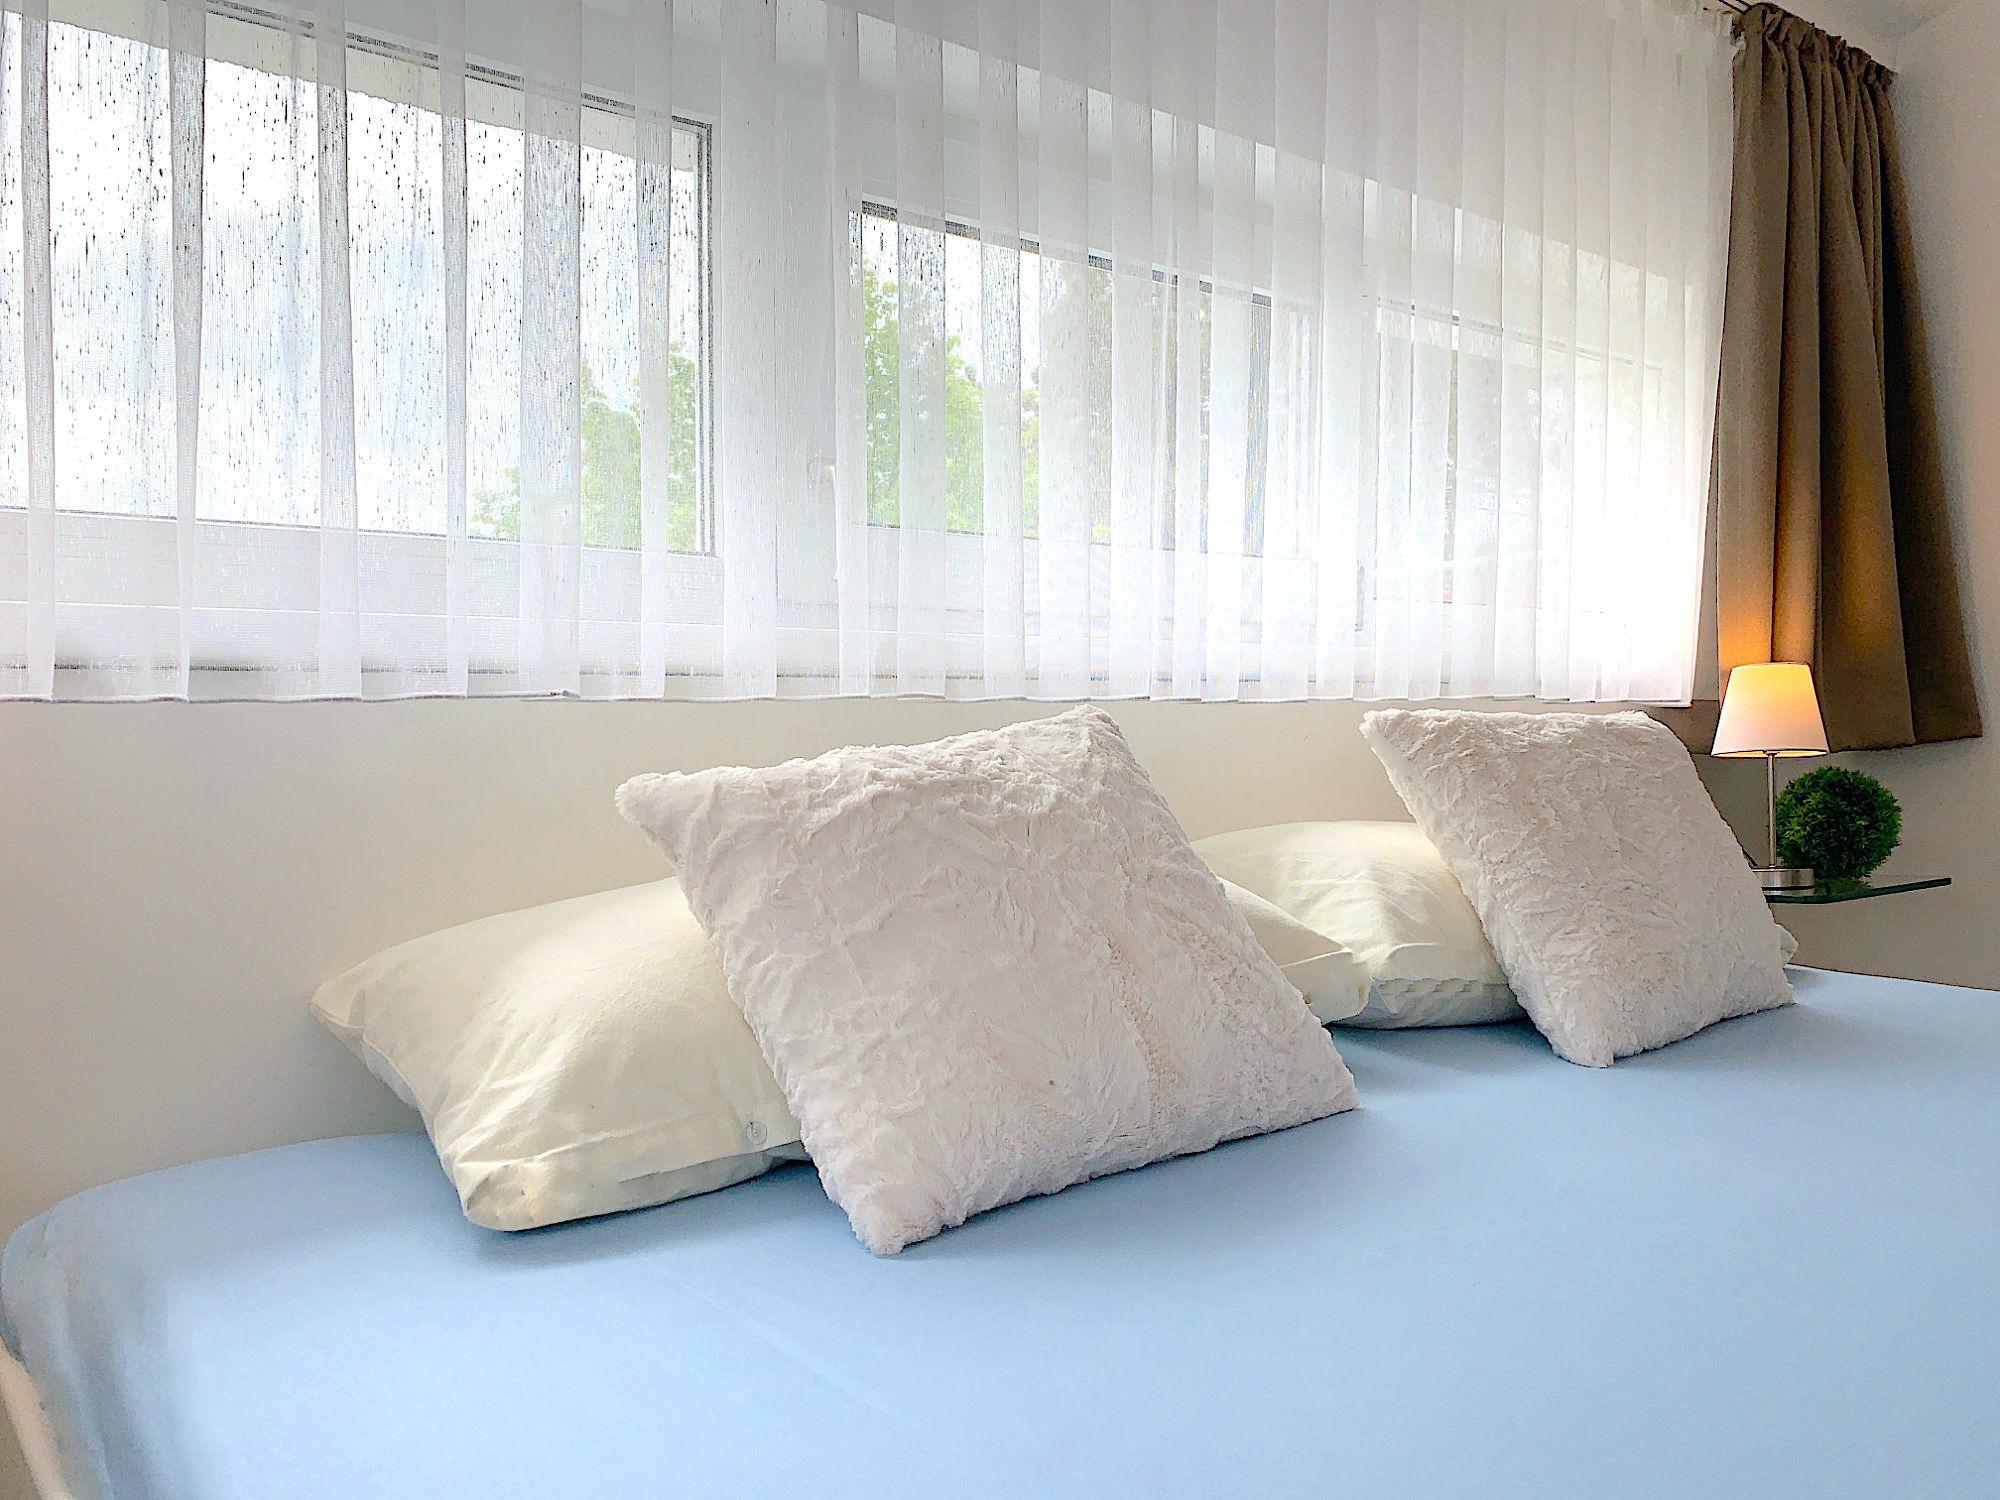 Schlafzimmer mit Doppelbett, hinter dem Kopfende ein breites Fenster